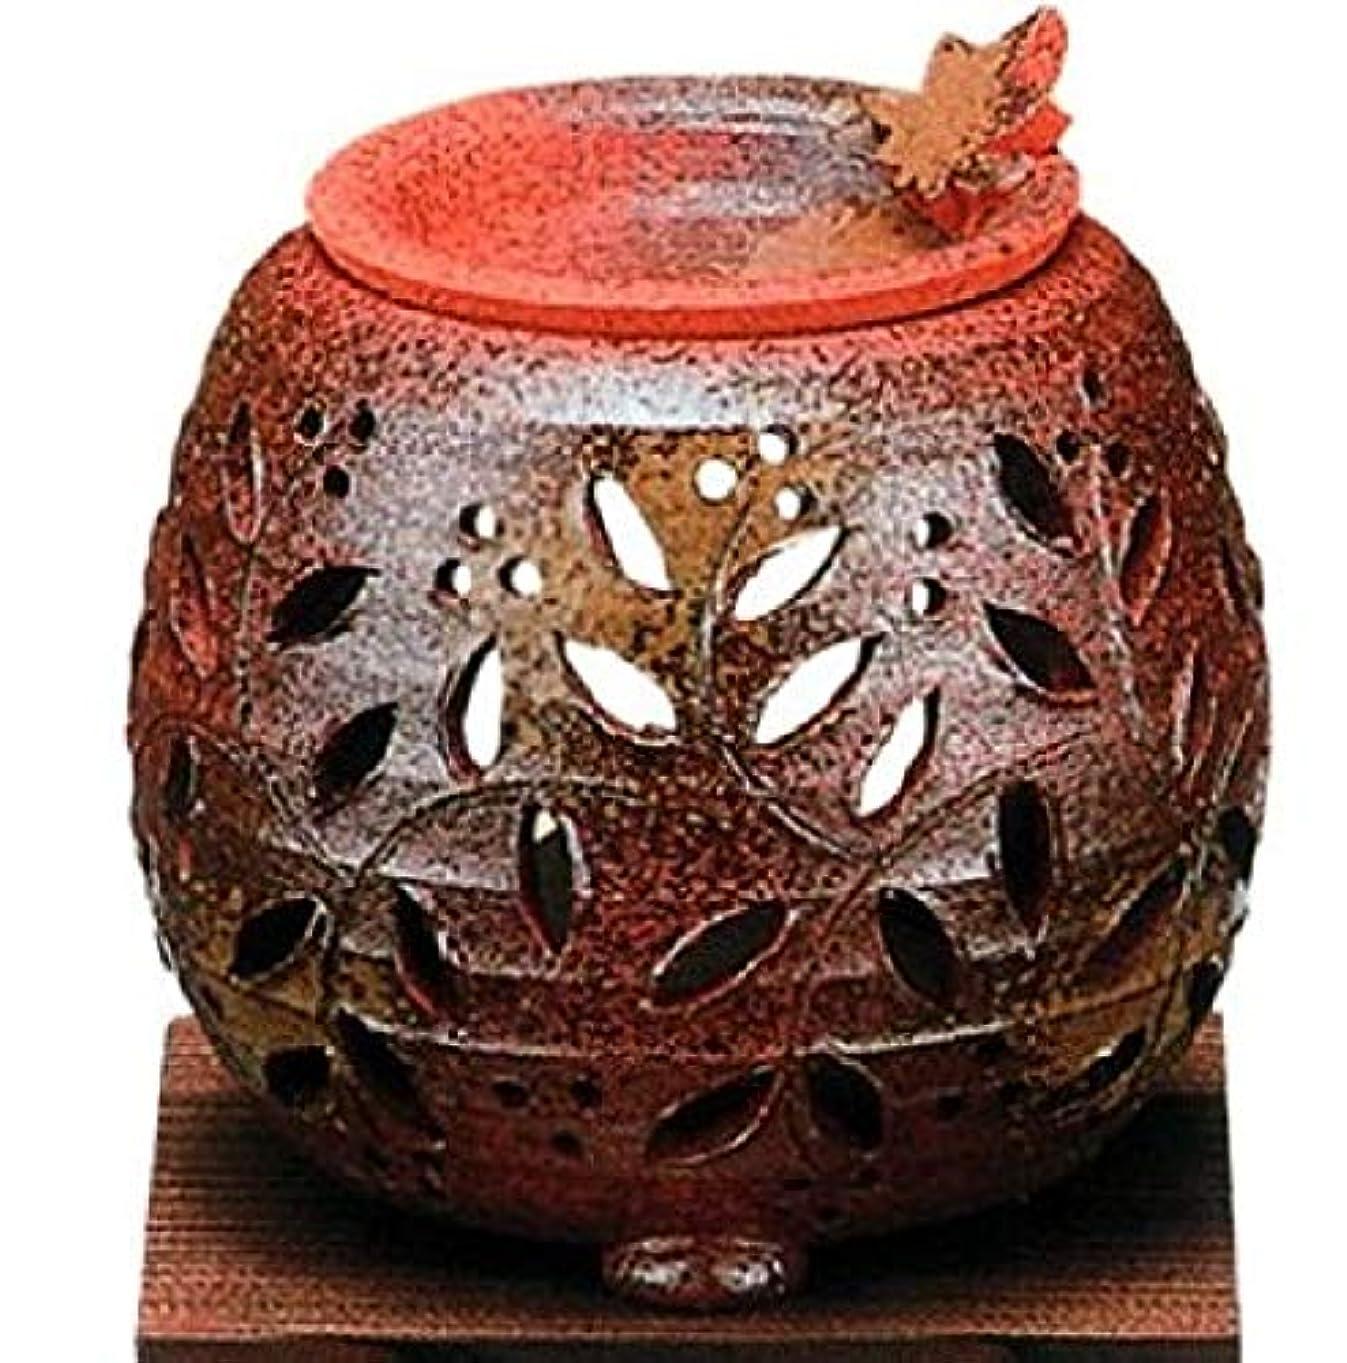 方向和バナナ常滑焼?石龍窯 カ38-12 茶香炉 タデ花 焼杉板付 約φ11×11cm